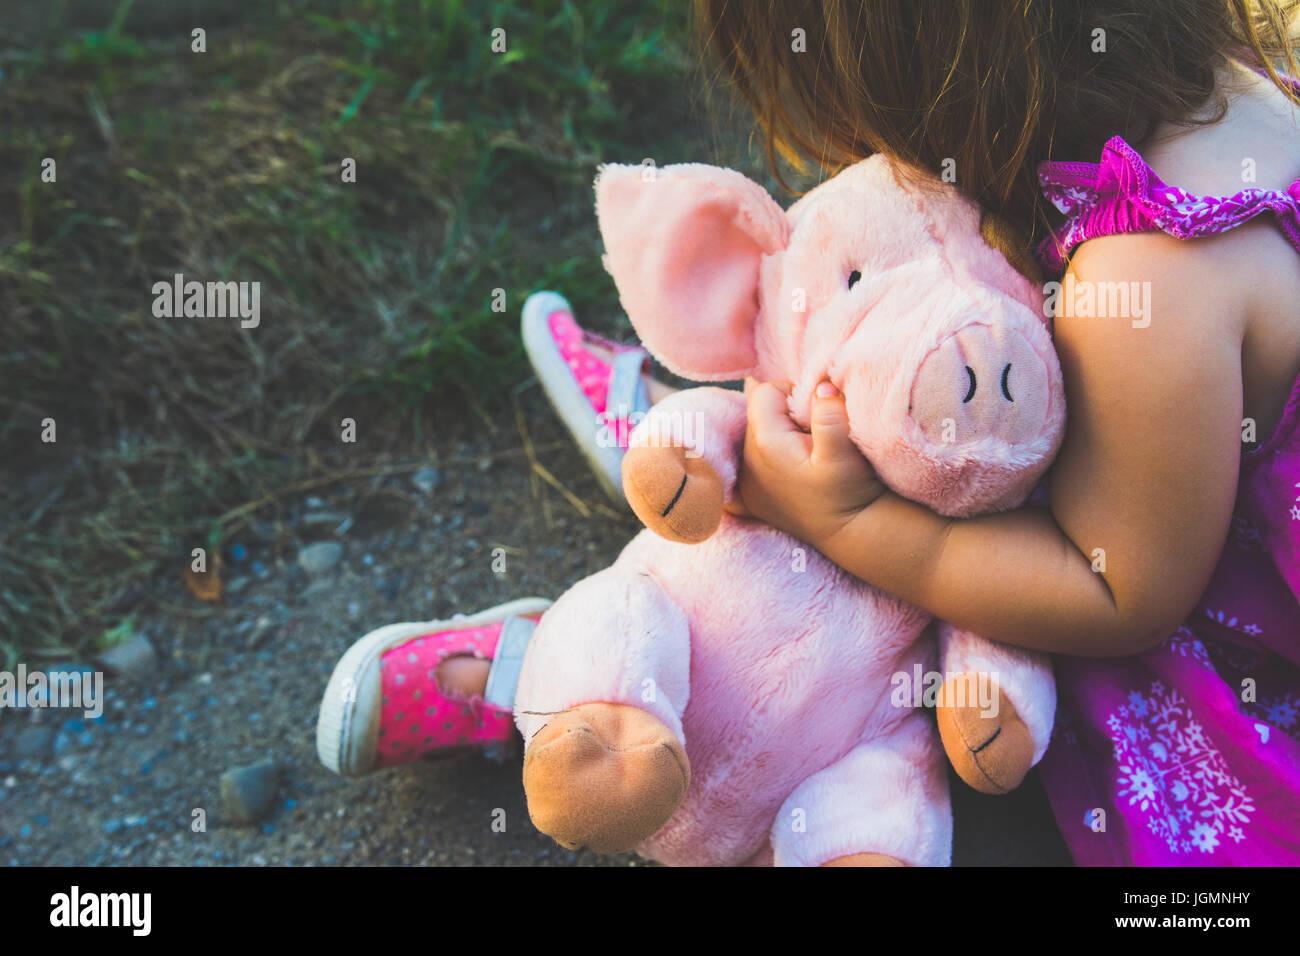 Una niña sostiene un peluche rosa rosa Foto de stock